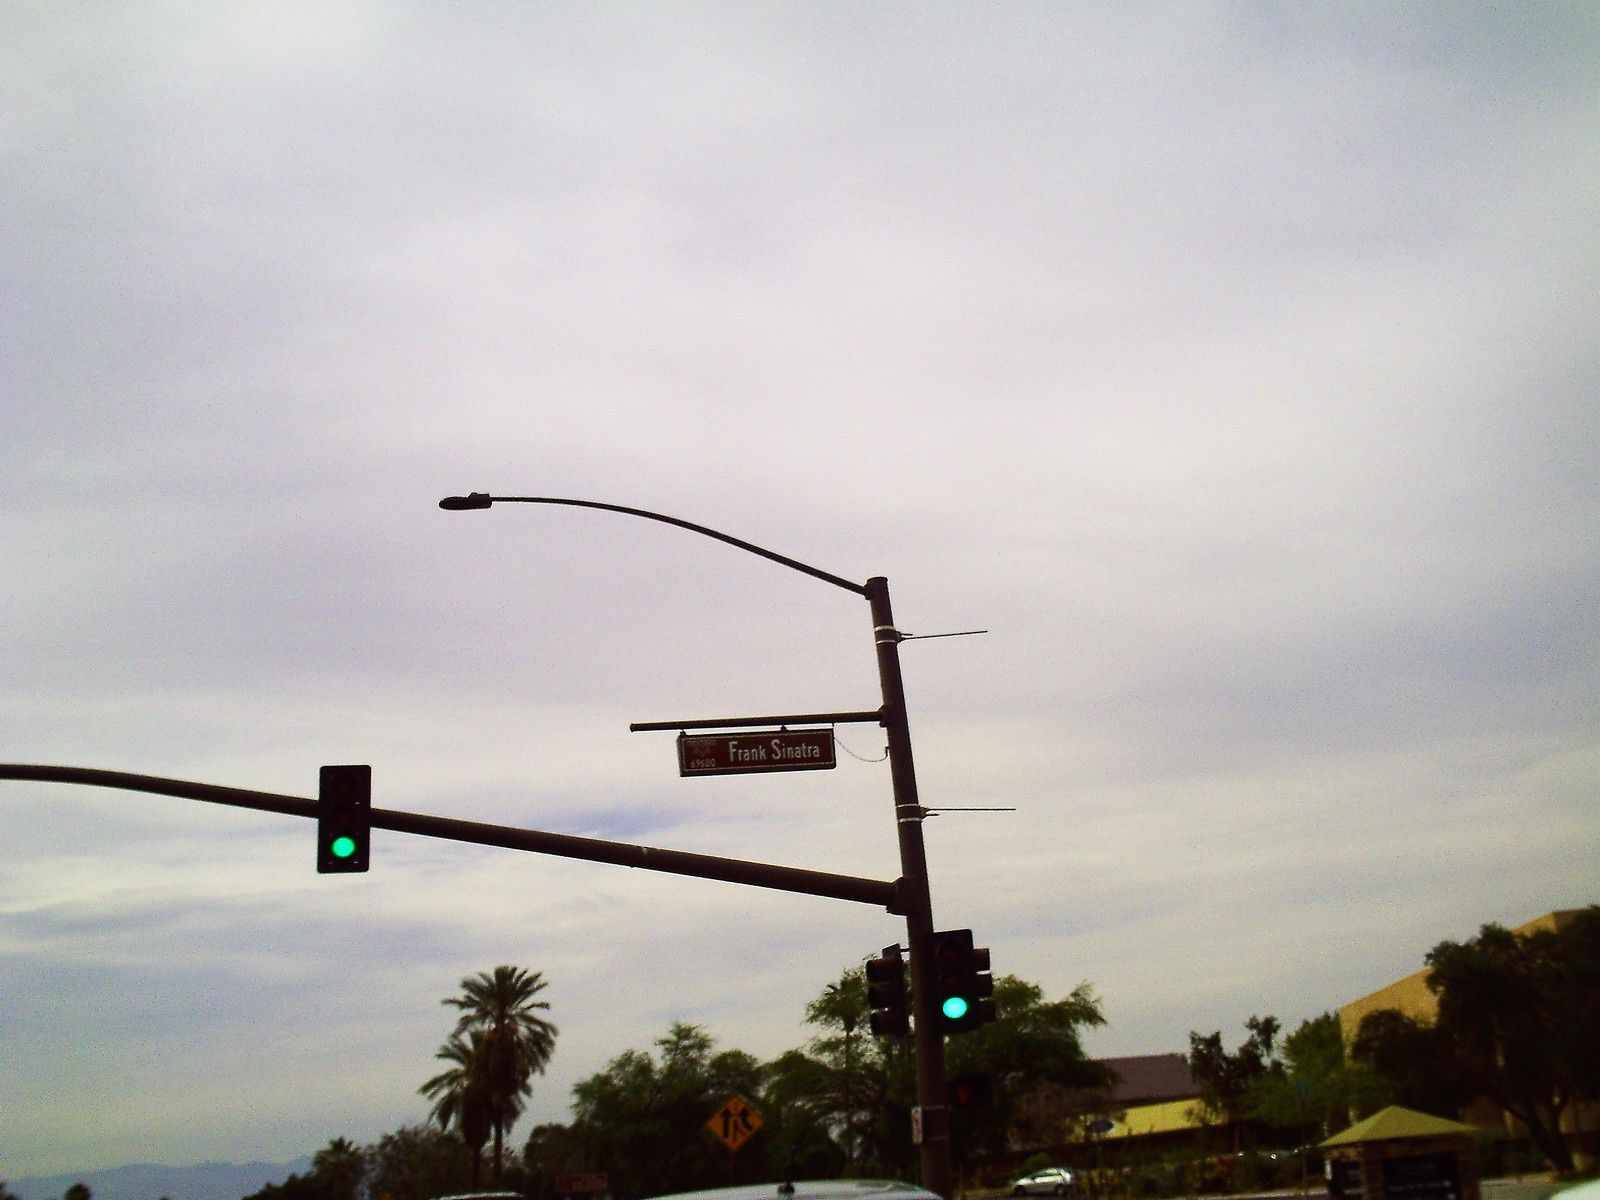 Goldwing Unsersbande - Un couple et une moto dans le Wild West américain 01 jour - Joshua tree park